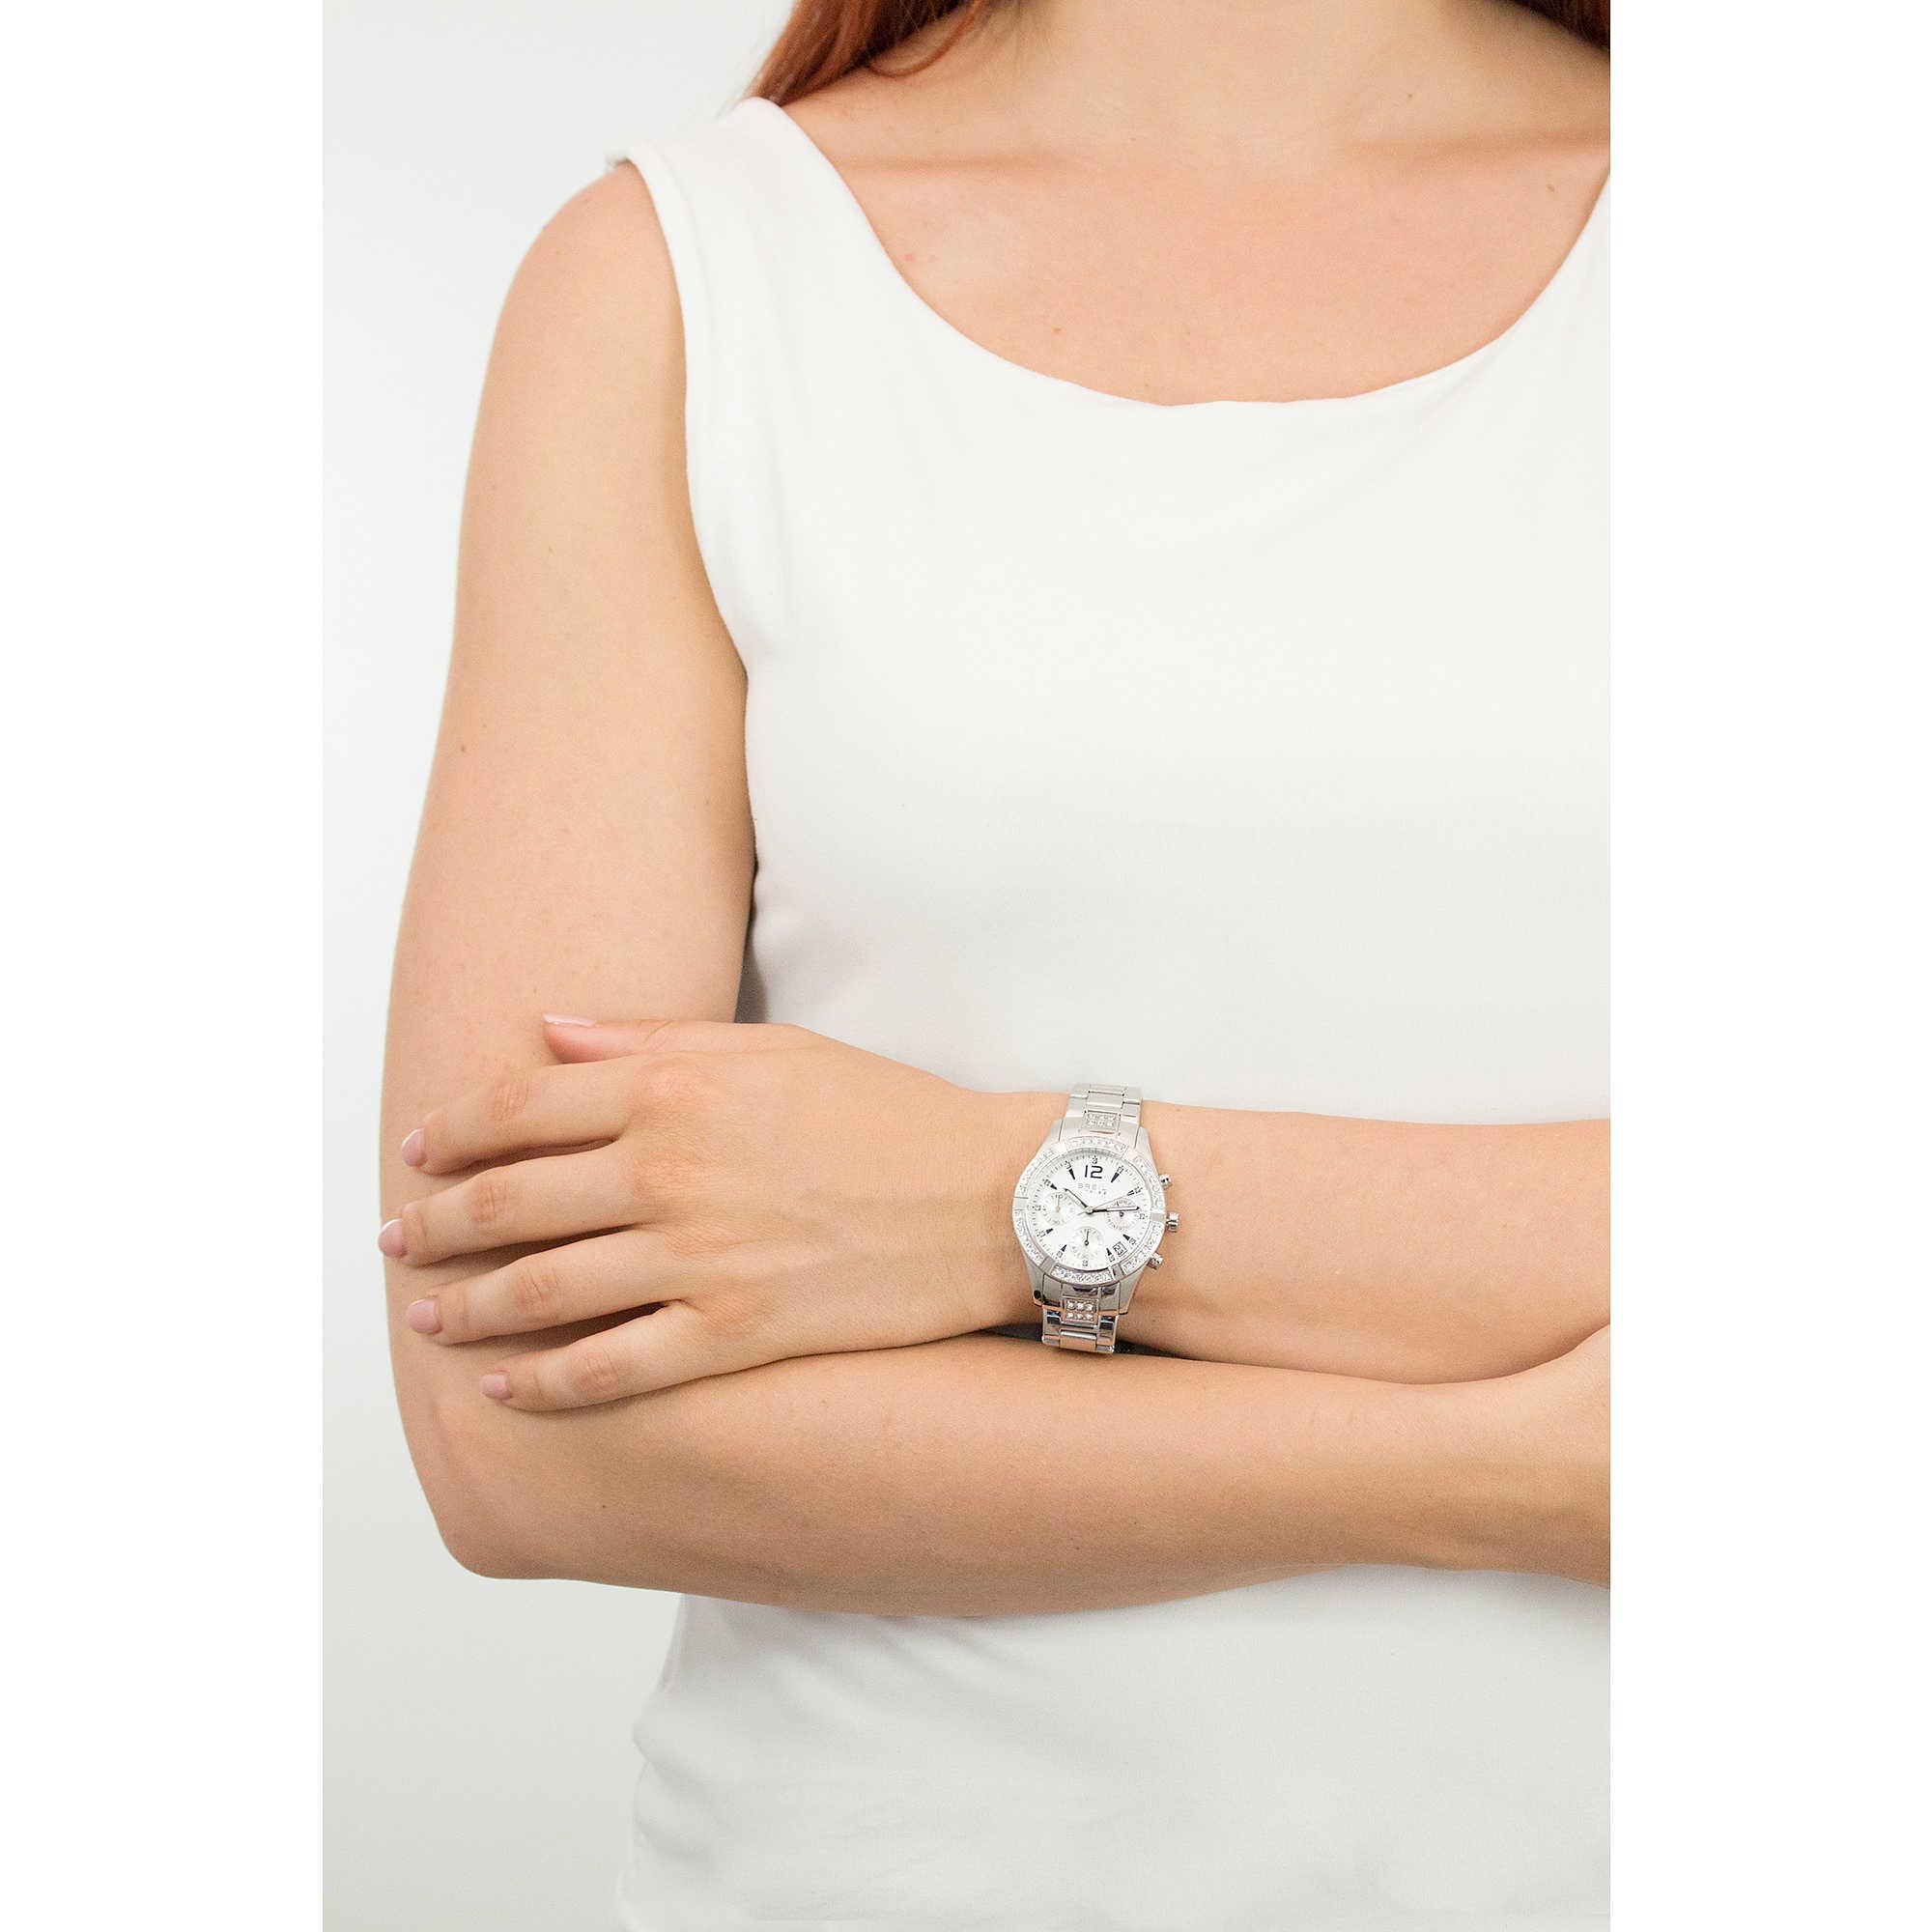 08429f935bd6f1 Orologi Cronografi da Donna in vendita online. Tanti orologi con ...